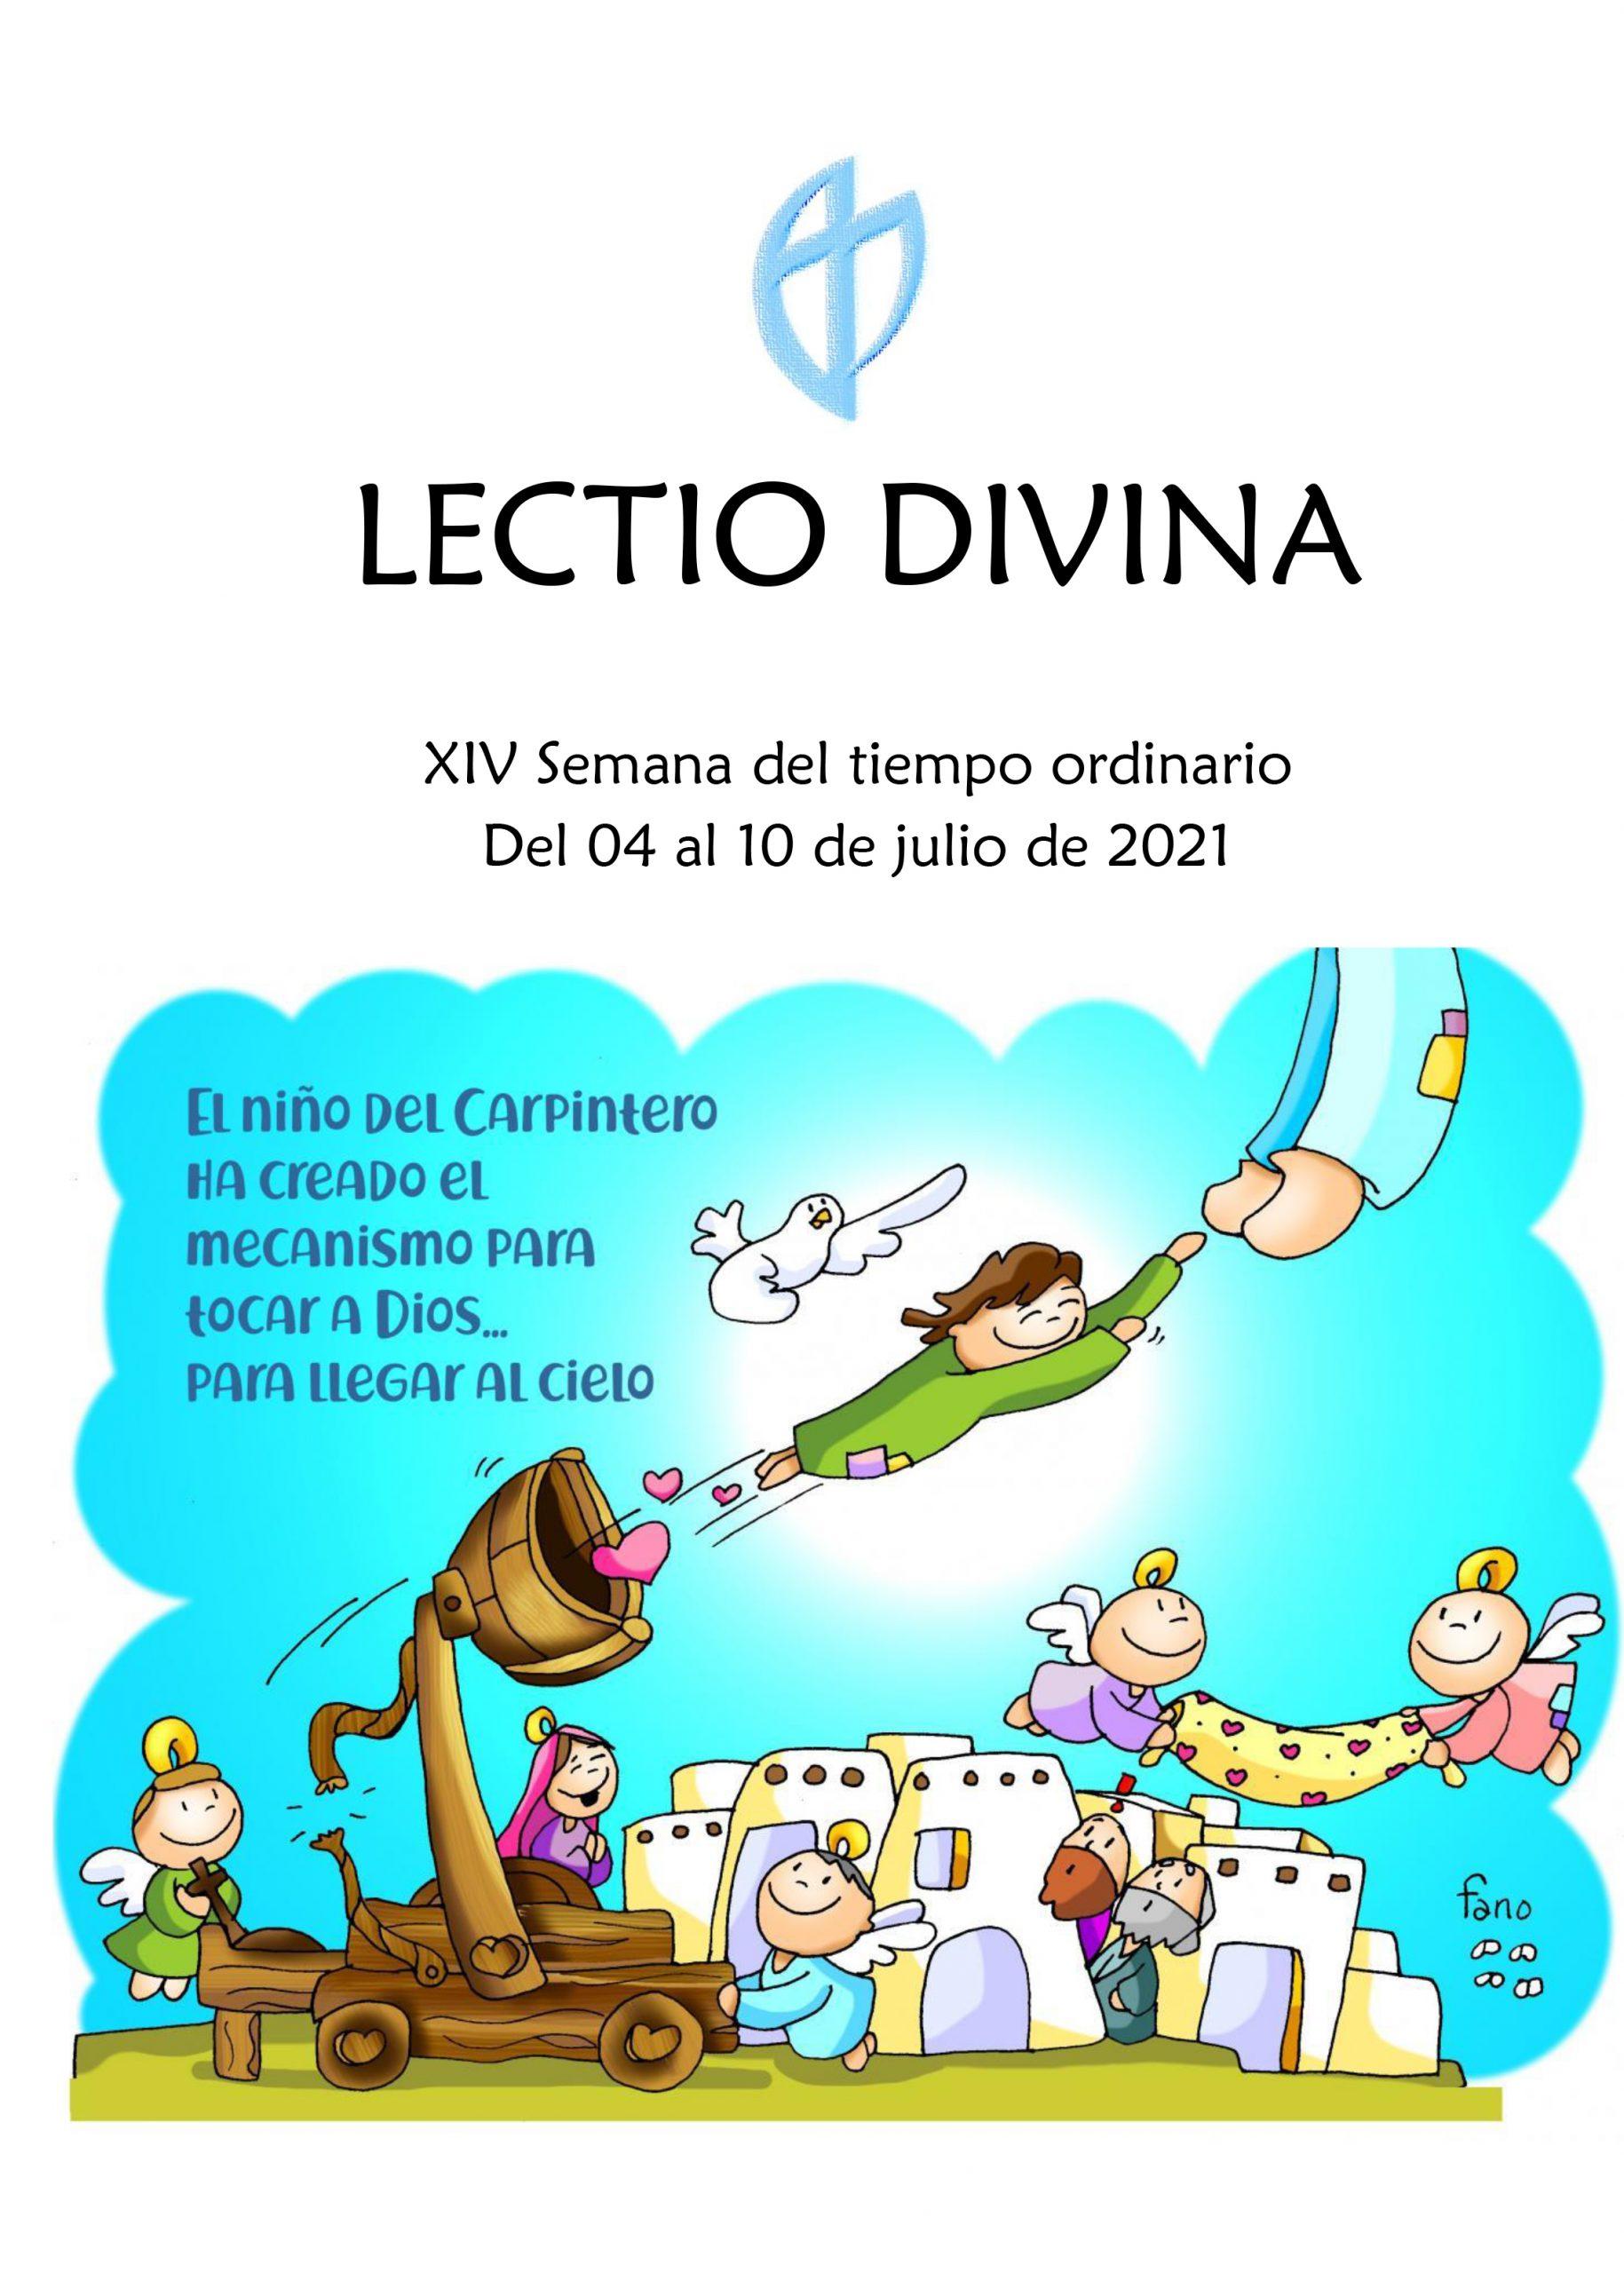 XIV Semana del Tiempo Ordinario (del 04 al 10 de julio de 2021)